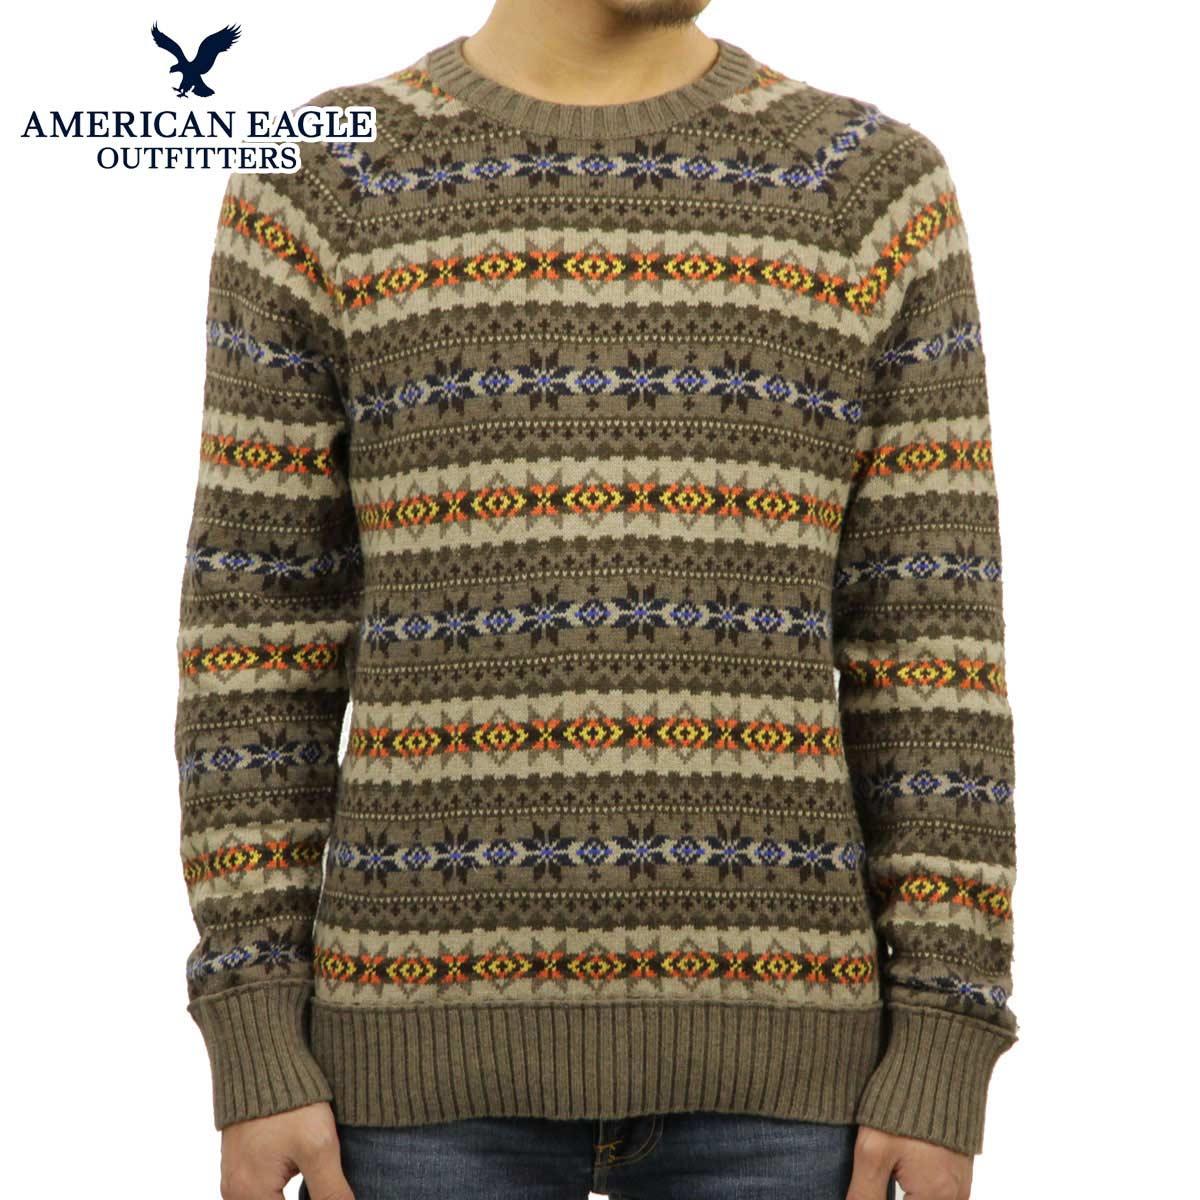 アメリカンイーグル セーター メンズ 正規品 AMERICAN EAGLE ニット 1145-9530 ブラウン